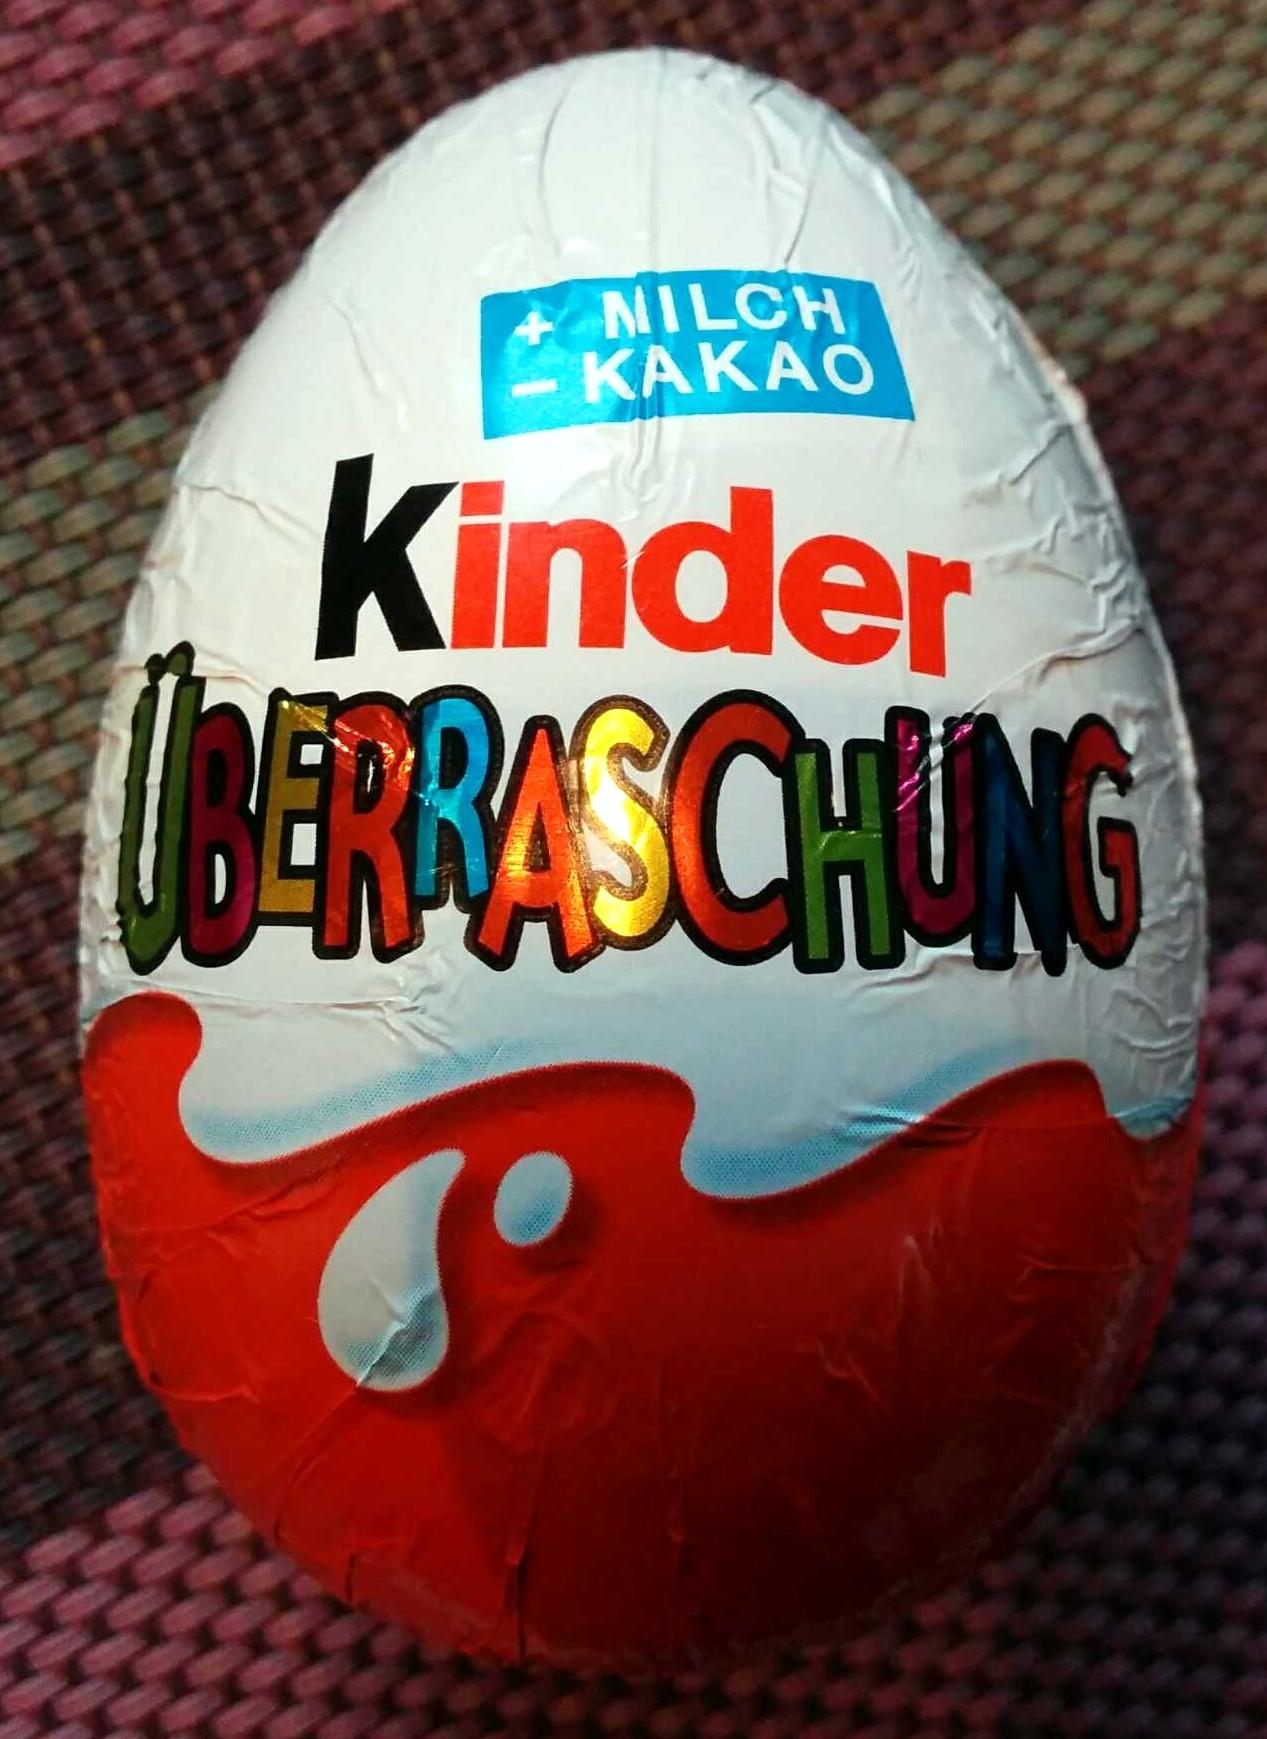 Kinder Überraschung - Product